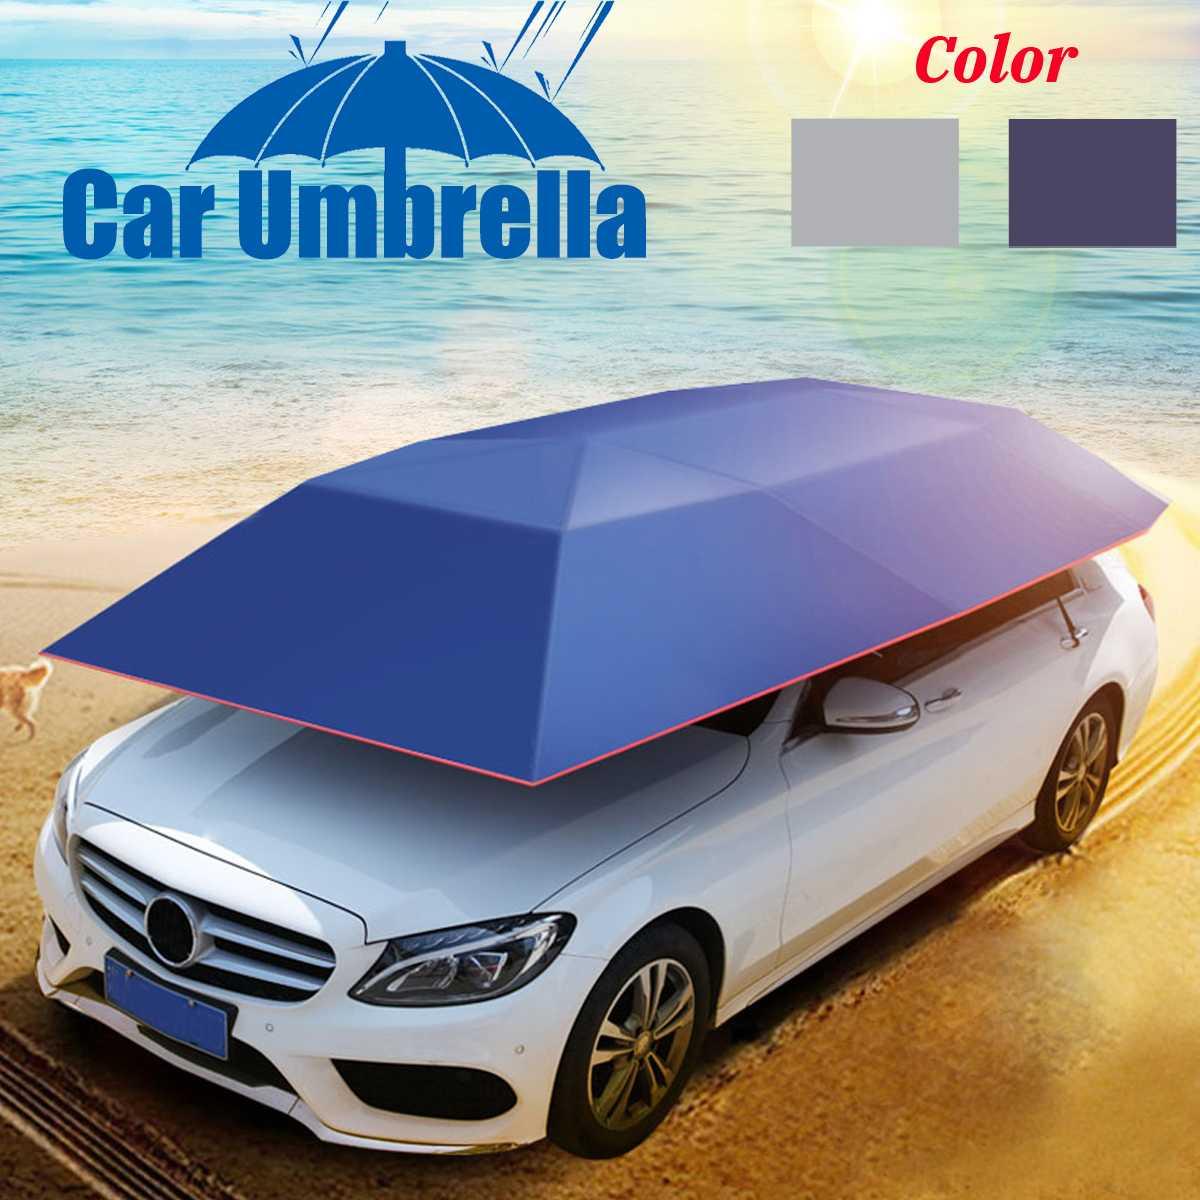 แบบพกพา Oxford กลางแจ้งรถเต็นท์ร่มรถ Sun Shade ผ้าโพลีเอสเตอร์ Uv Windproof ฝาครอบ